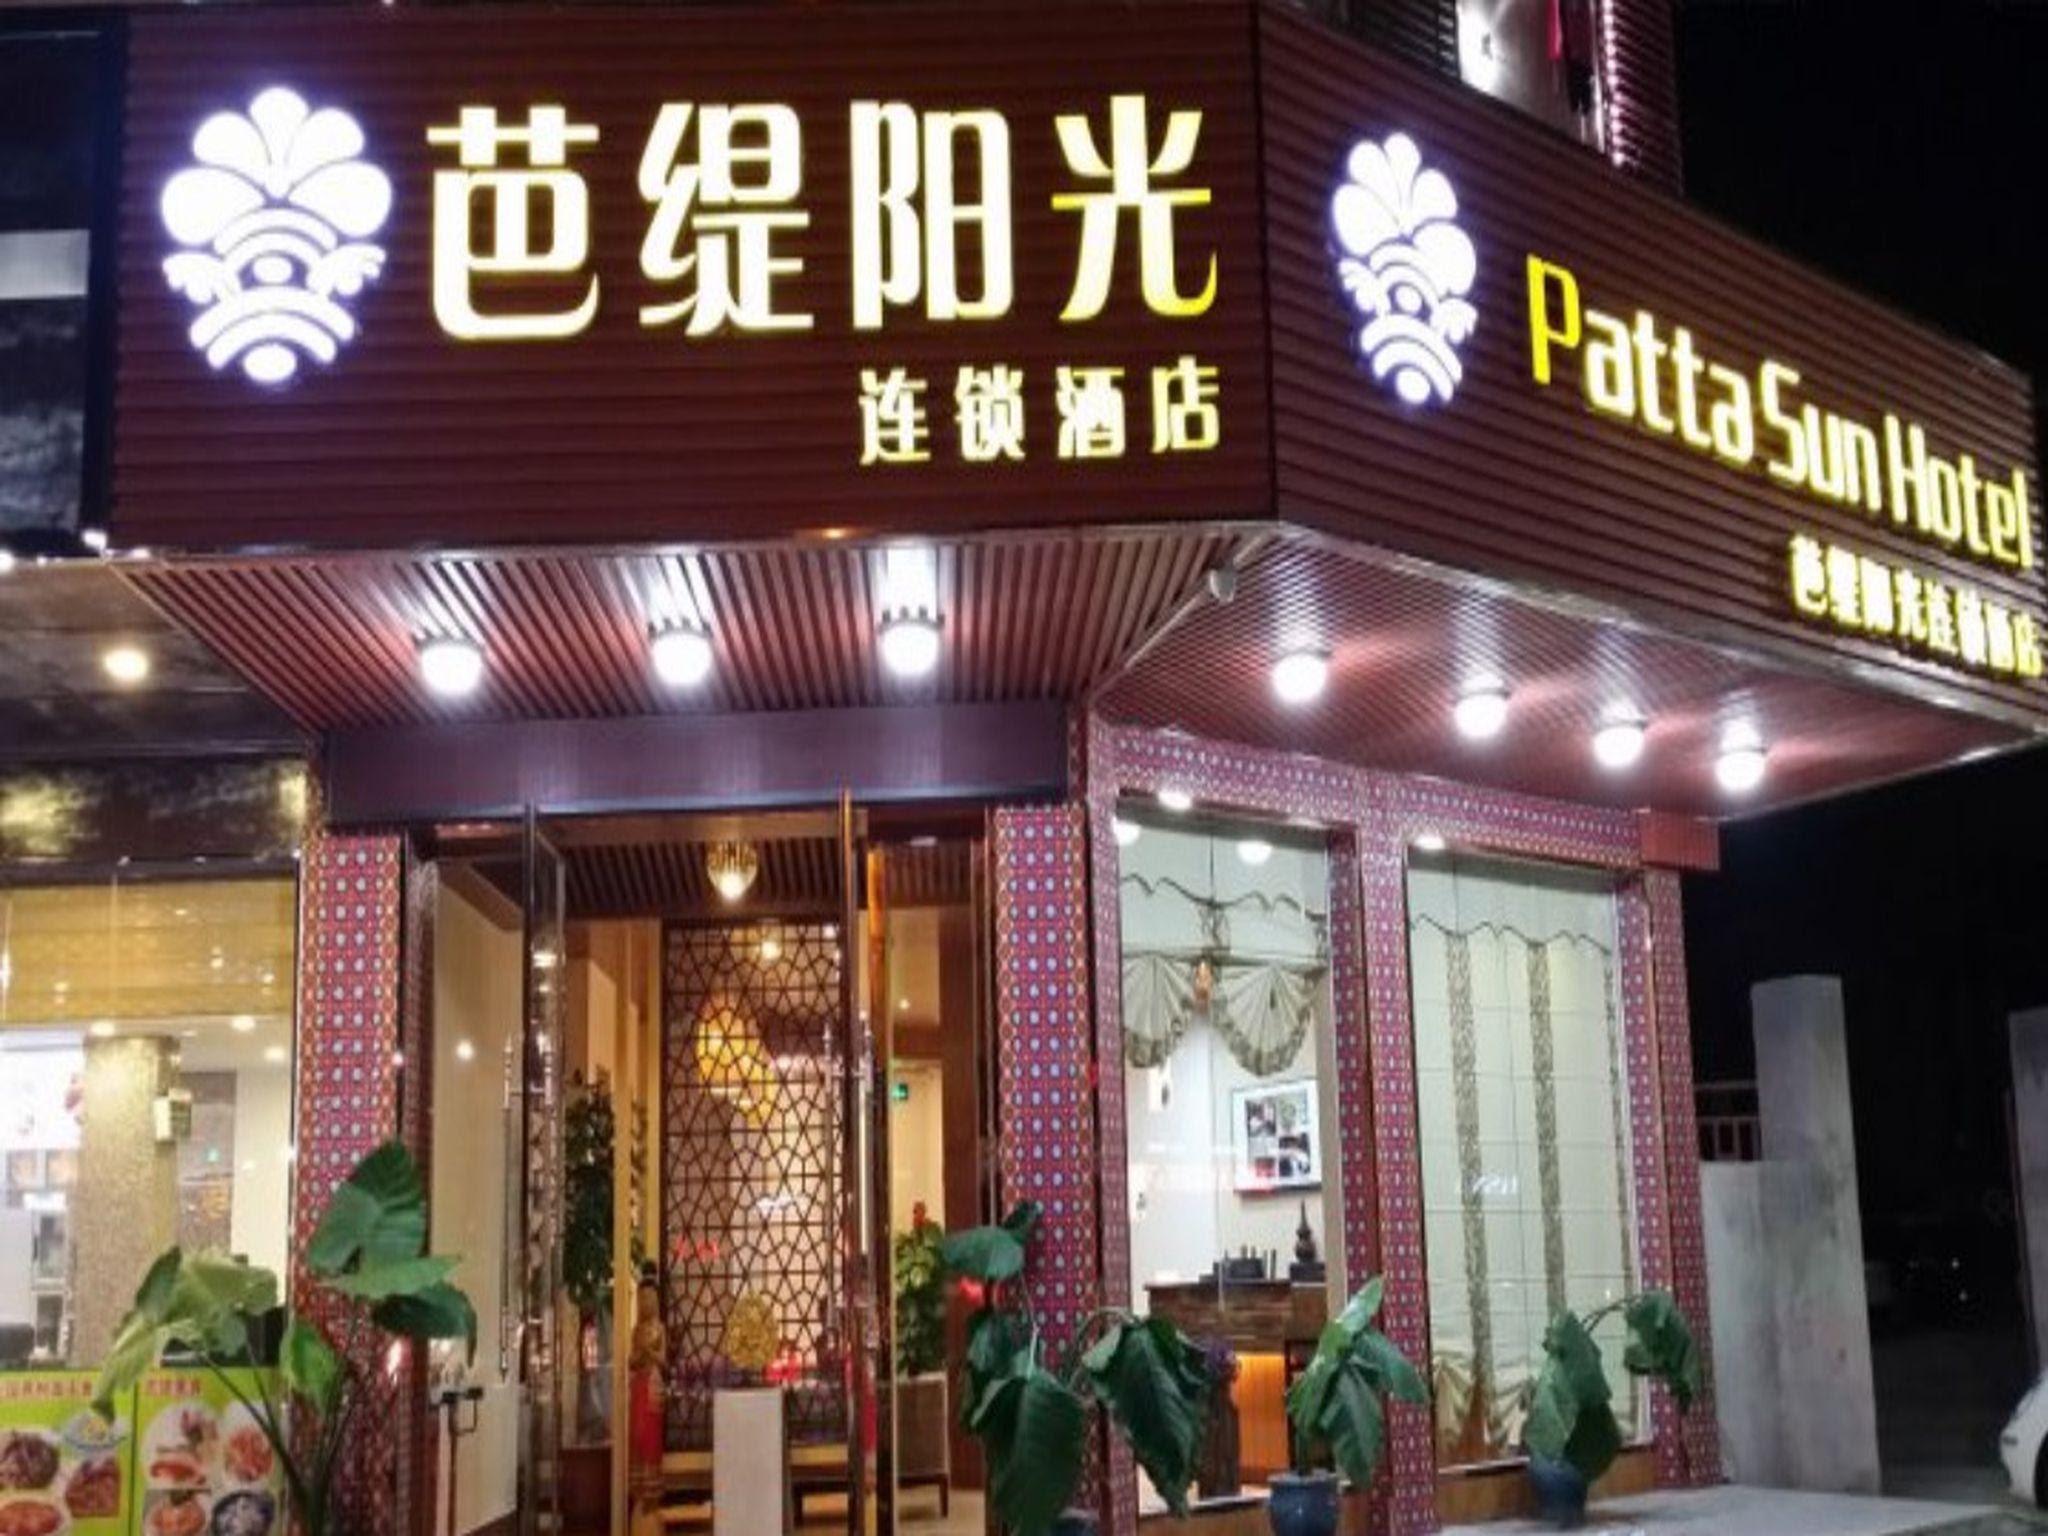 Pattasum Hotel Meizhou Reviews